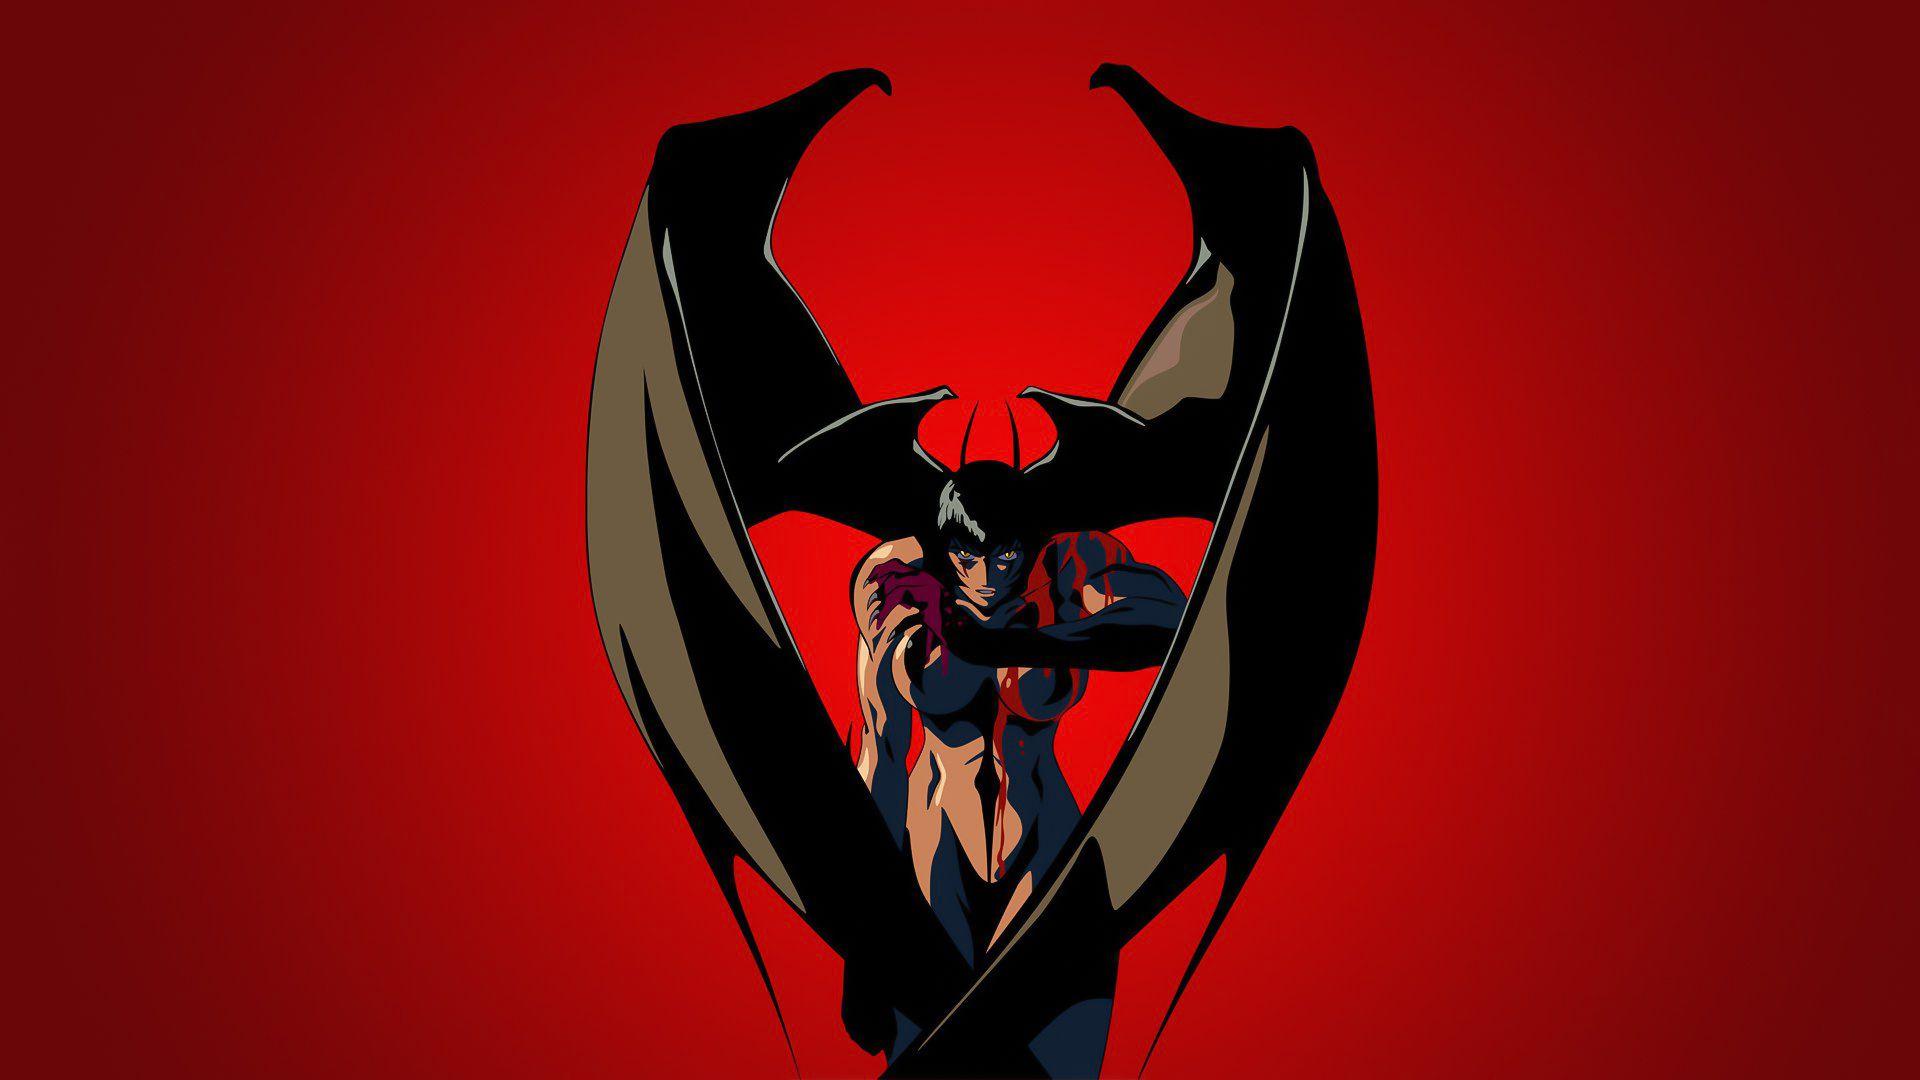 Devil sesso cartone animato